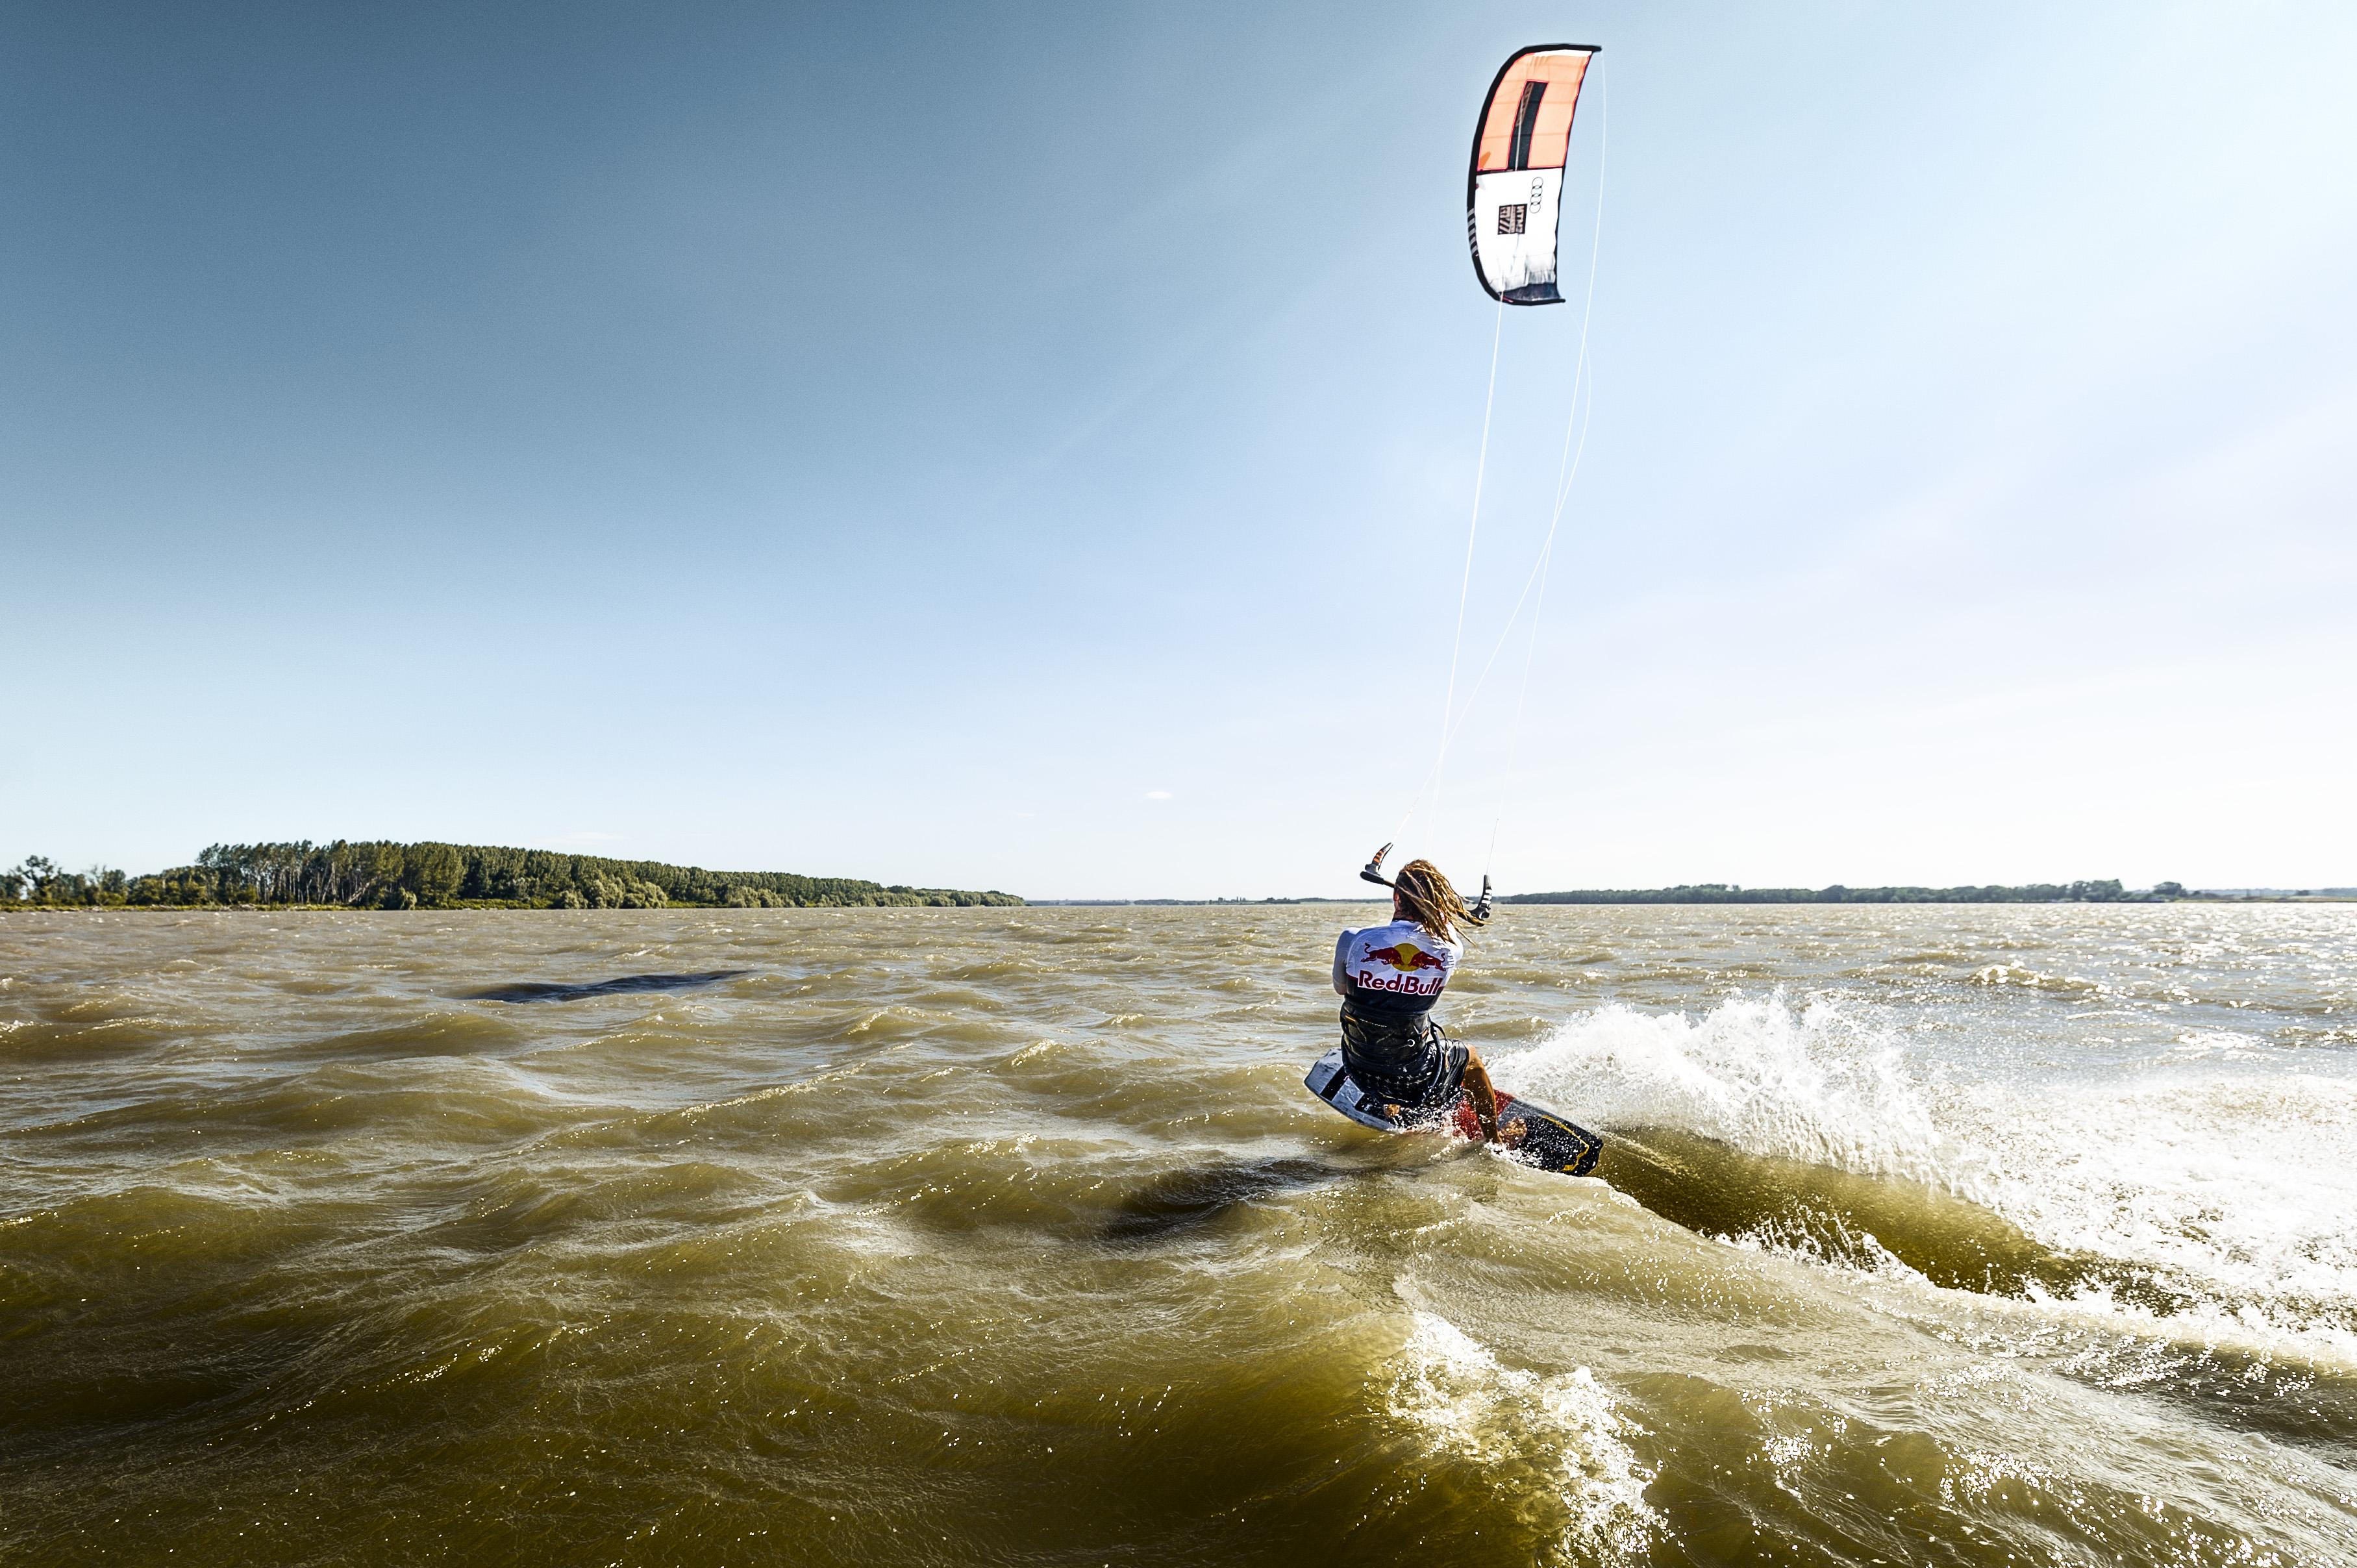 <p>Кайтсърфистът Никола Абаджиев постави нов европейски рекорд за най-дълго изминато разстояние по река с кайтсърф.</p>